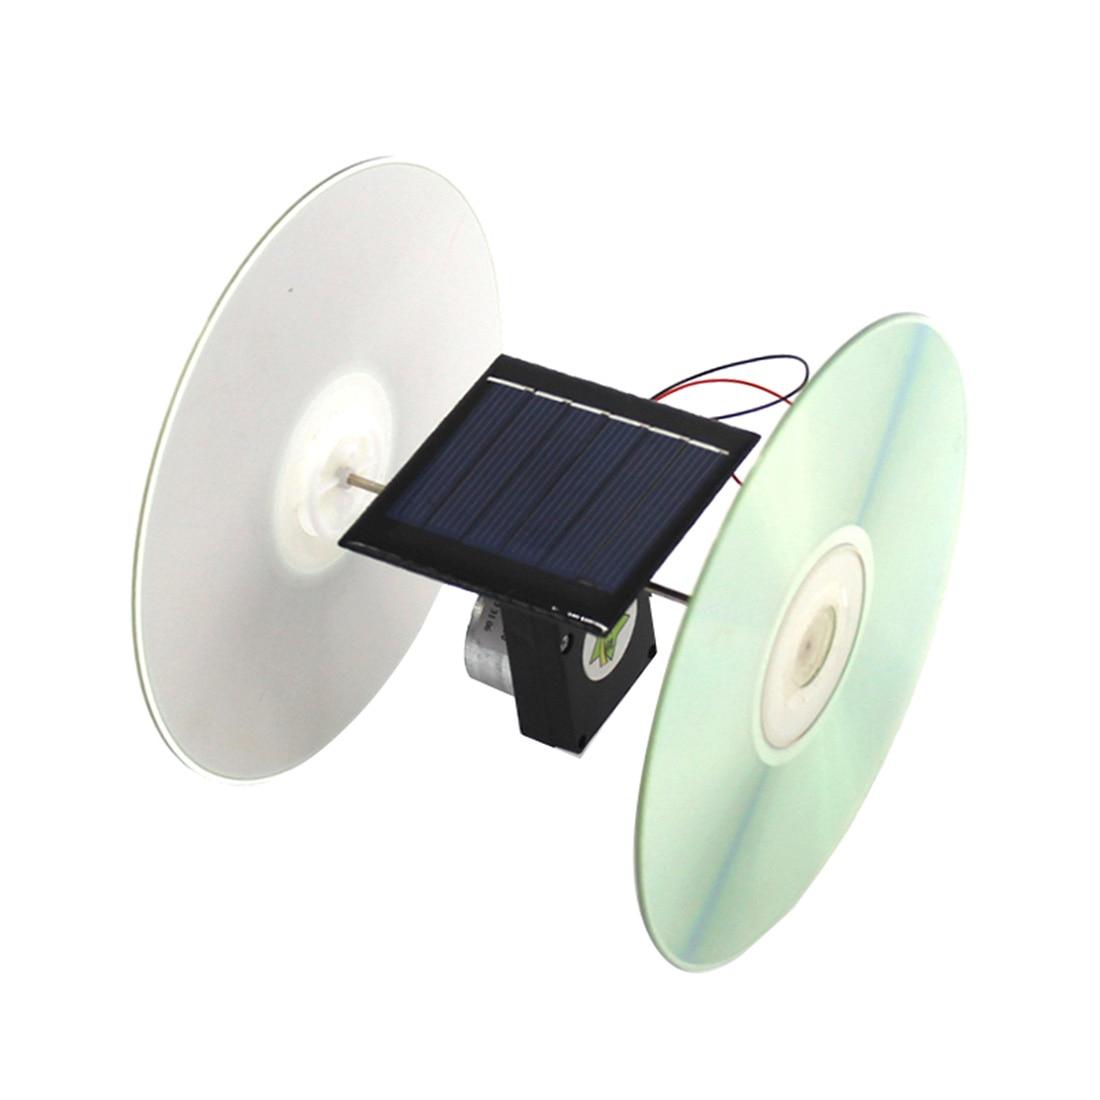 DIY игрушки на солнечной батарее, балансировочный автомобиль, набор для автомобиля, электронные технологии, гаджеты, обучающая игрушка для д...